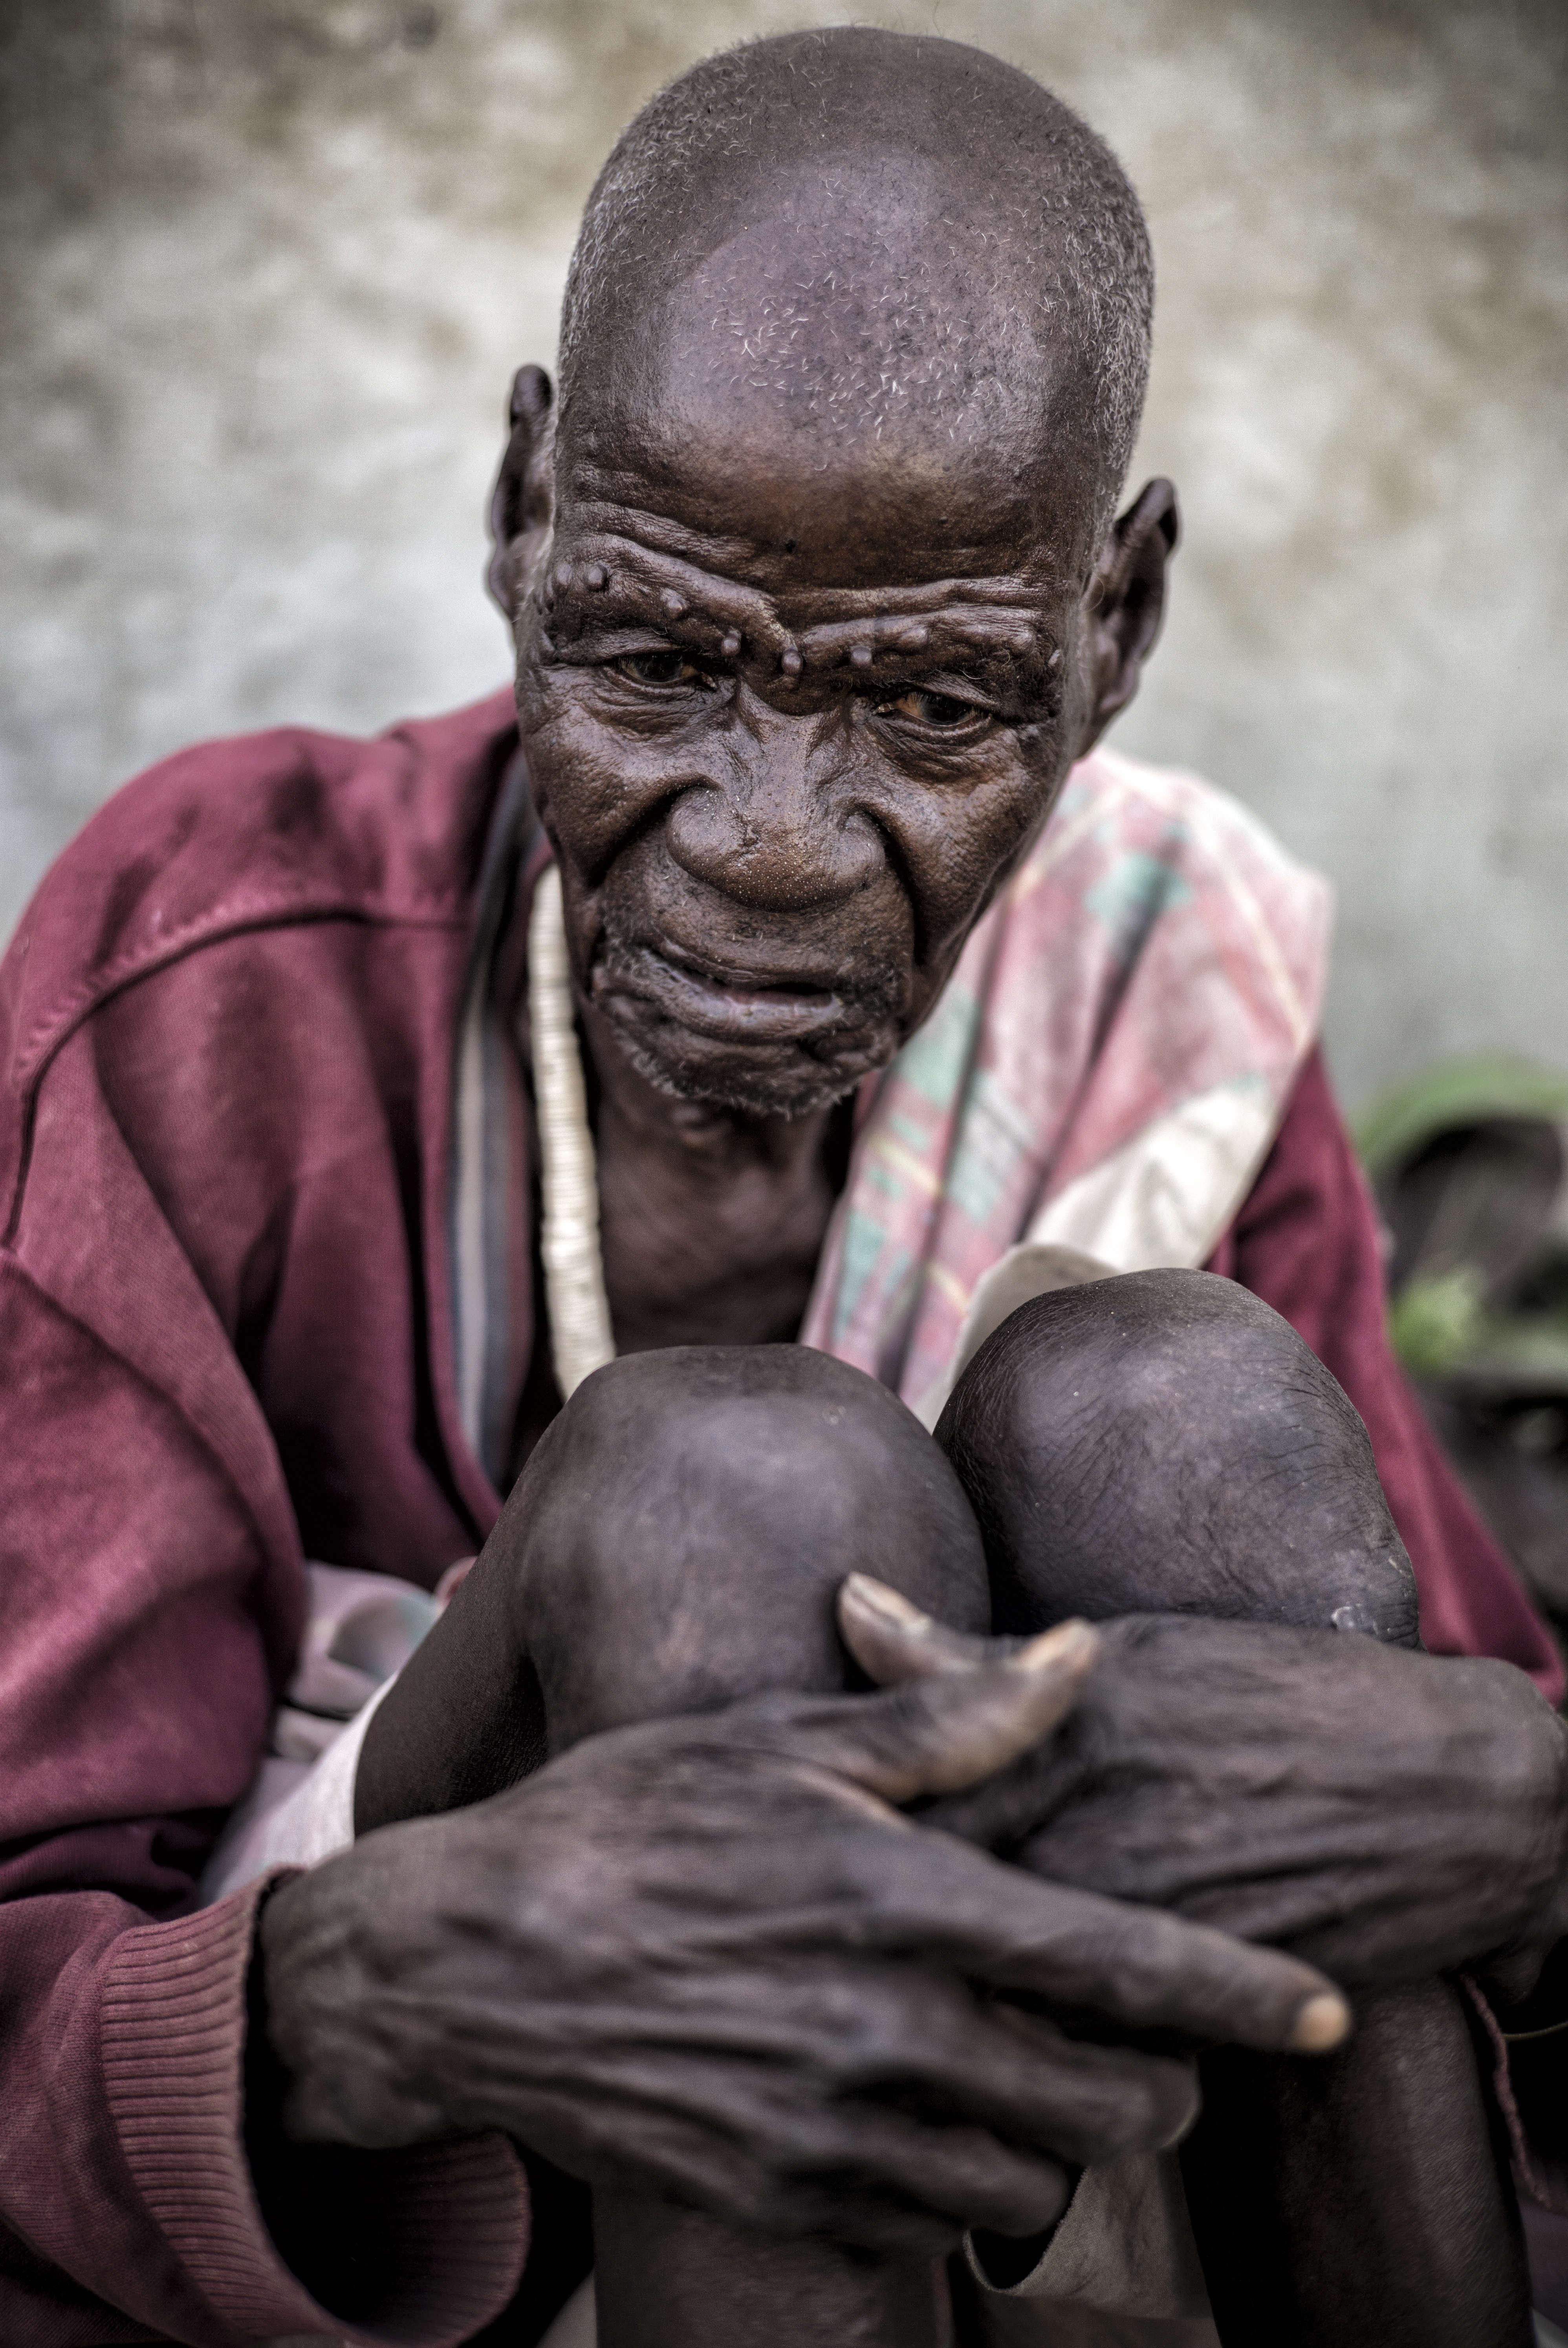 Un survivant d'Ogod, un village du nord du pays, près de Wau Shilluk, la capitale du royaume shilluk attaquée par les forces gouvernementales en février .Il a été évacué par Médecins sans frontières ( MSF) dans le camp de protection des civils de la Minuss, près de Malakal. Avant d'être pris en charge par l'organisation non gouvernementale, il a vécu durant une semaine l'occupation de son village natal, durant laquelle quatre vieillards sont morts de faim autour de lui.